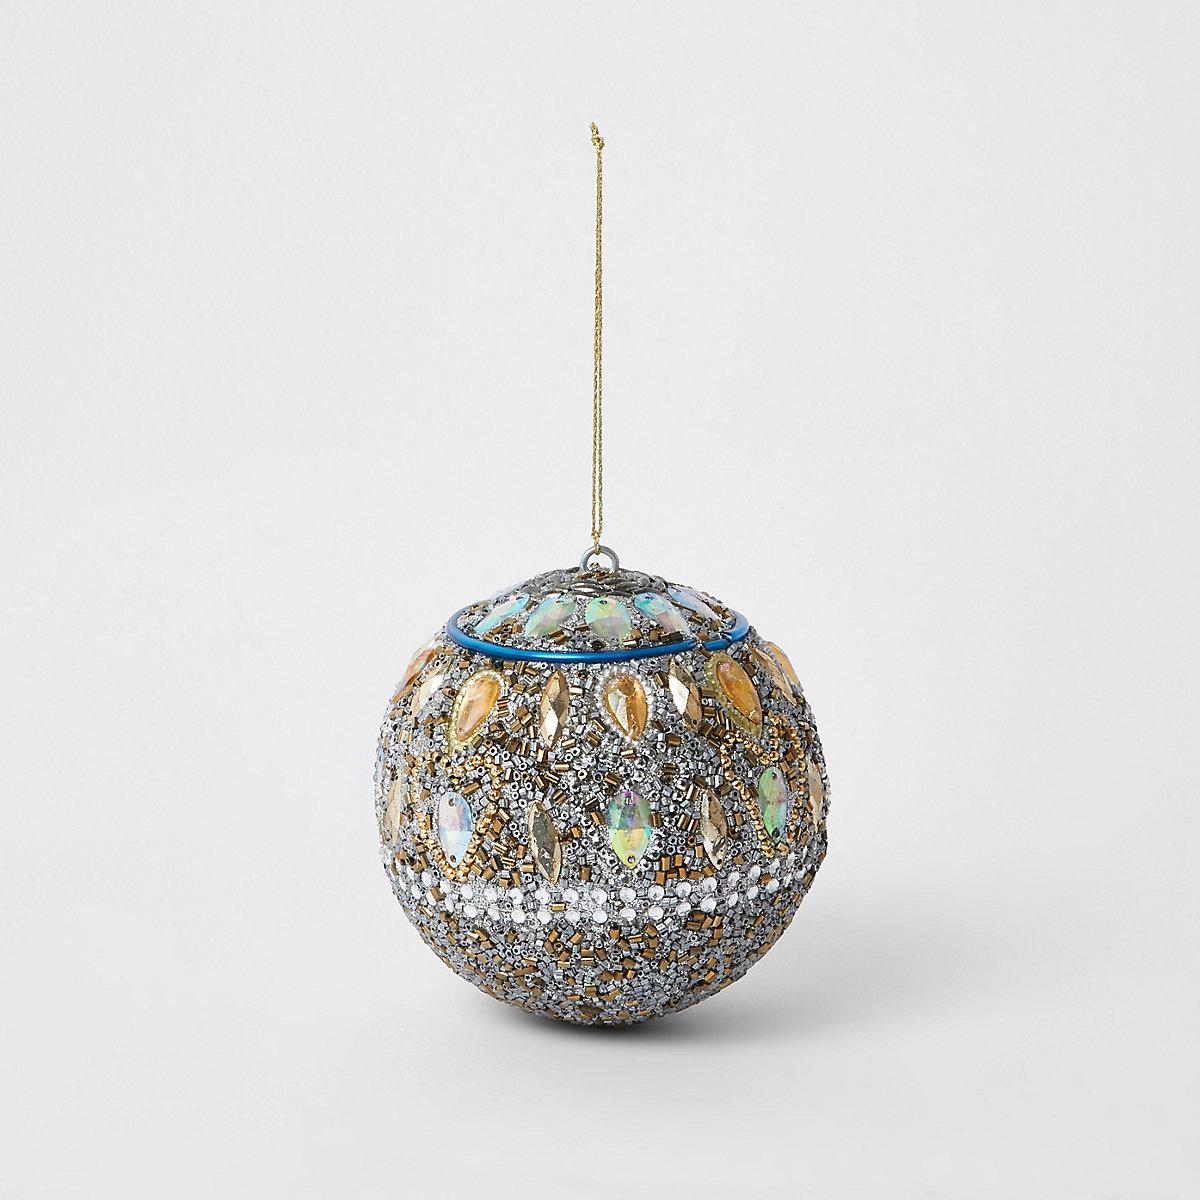 Grosse boule de Noël argentée brillante avec pierres fantaisie